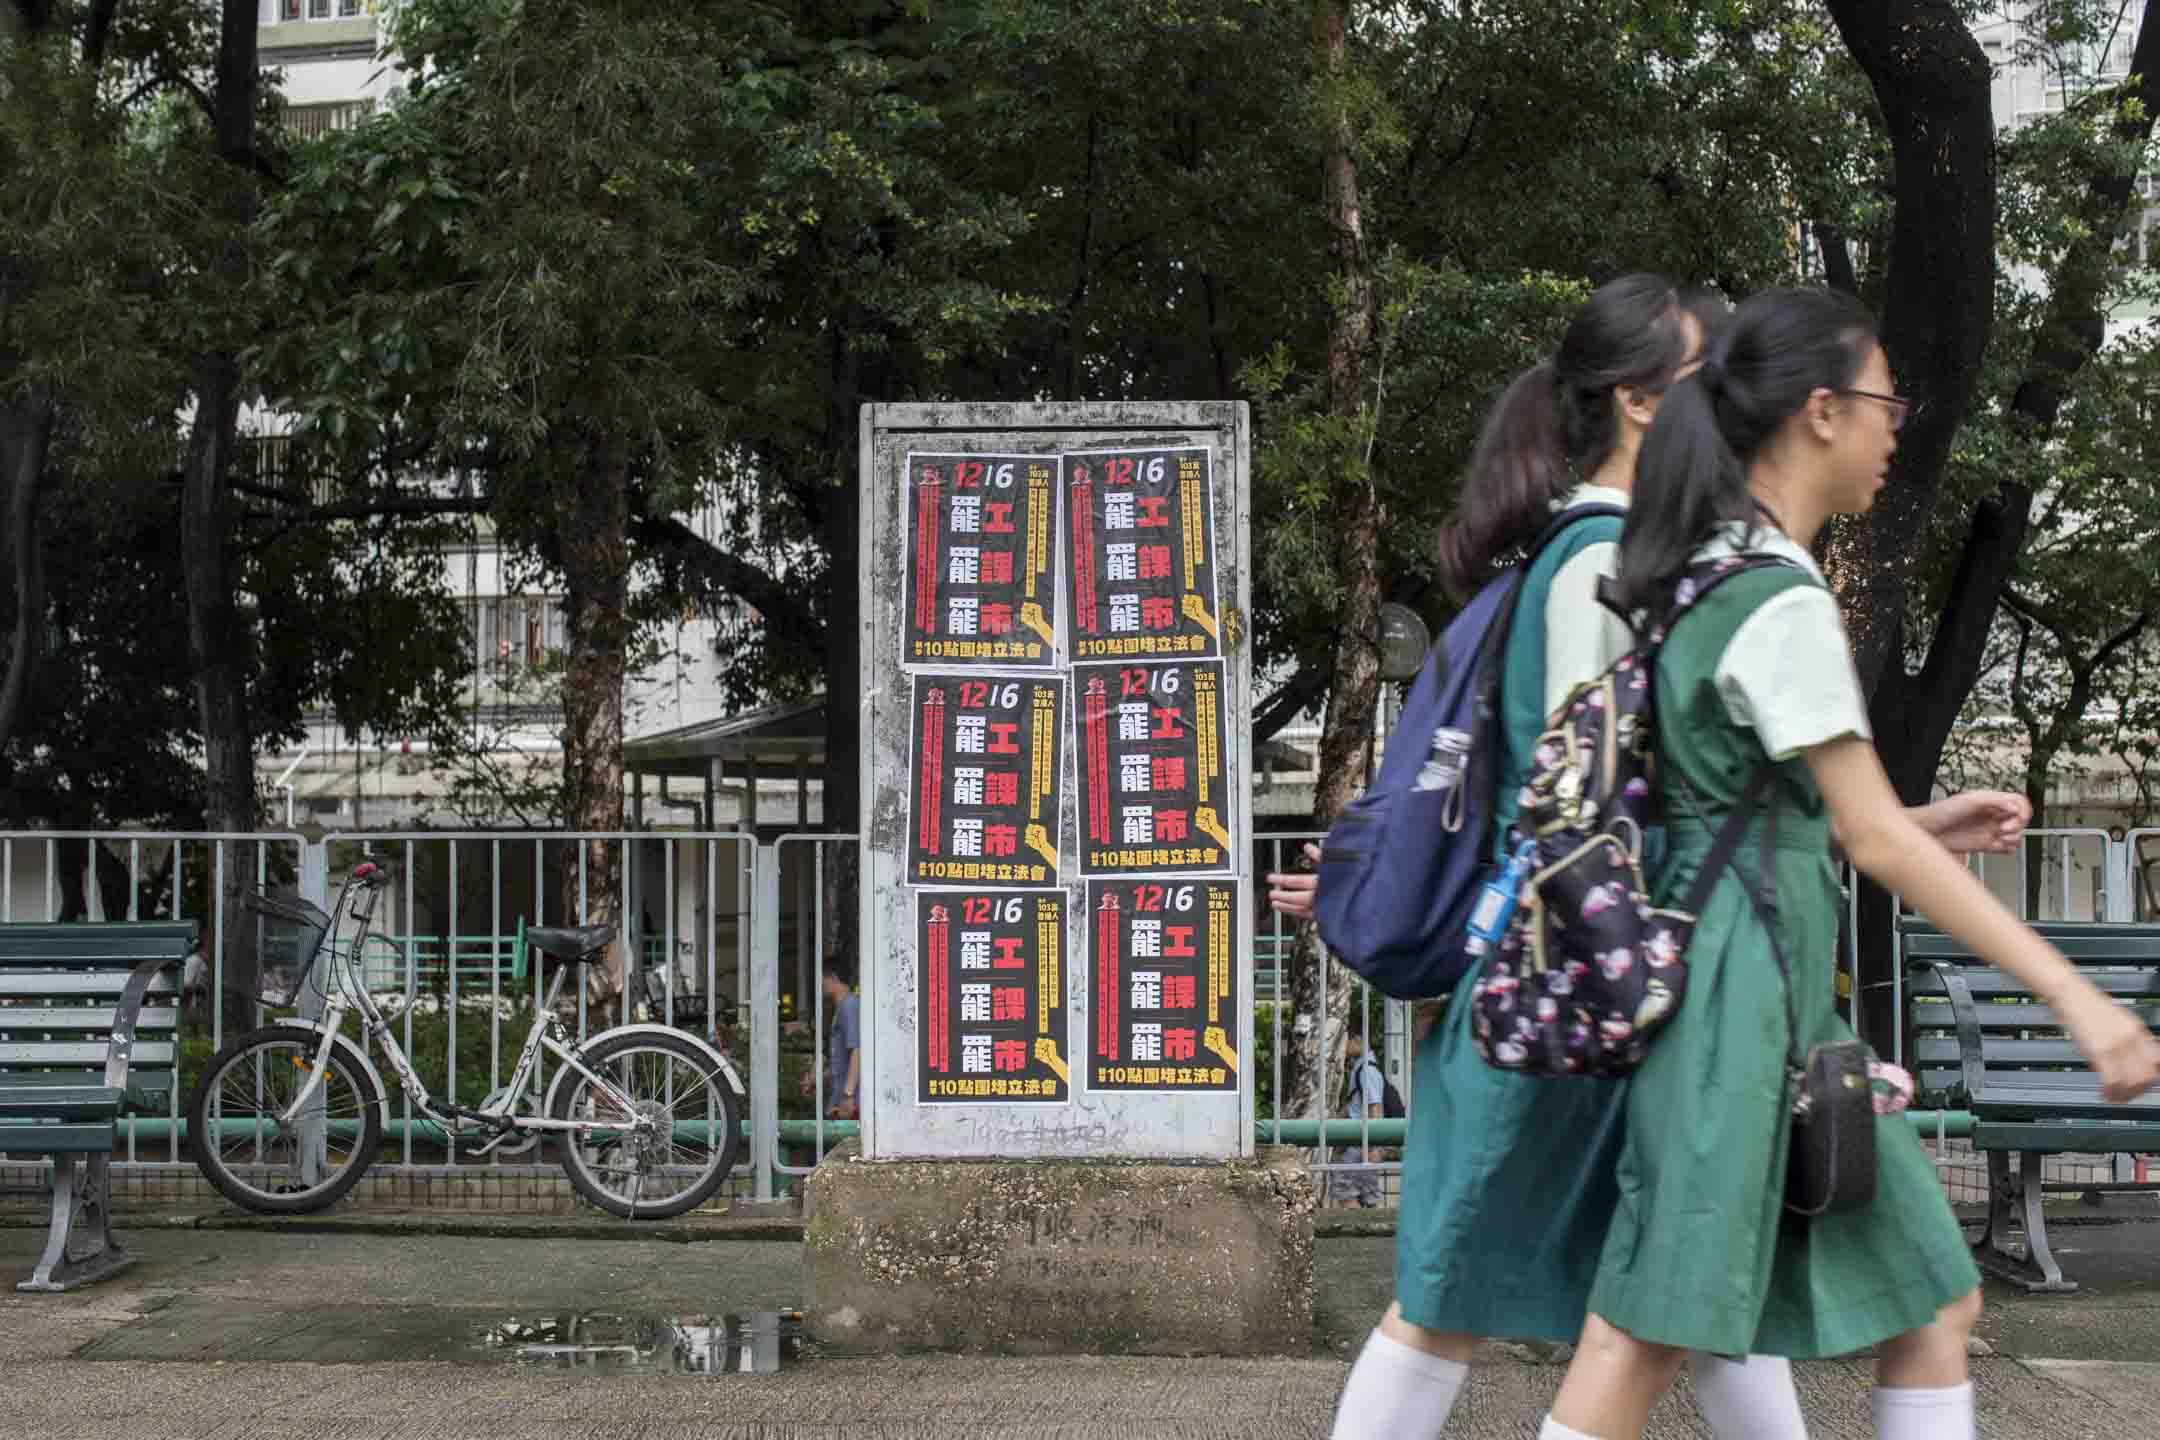 2019年6月11日,街上出現呼籲612罷工、罷課、罷市行動的海報。